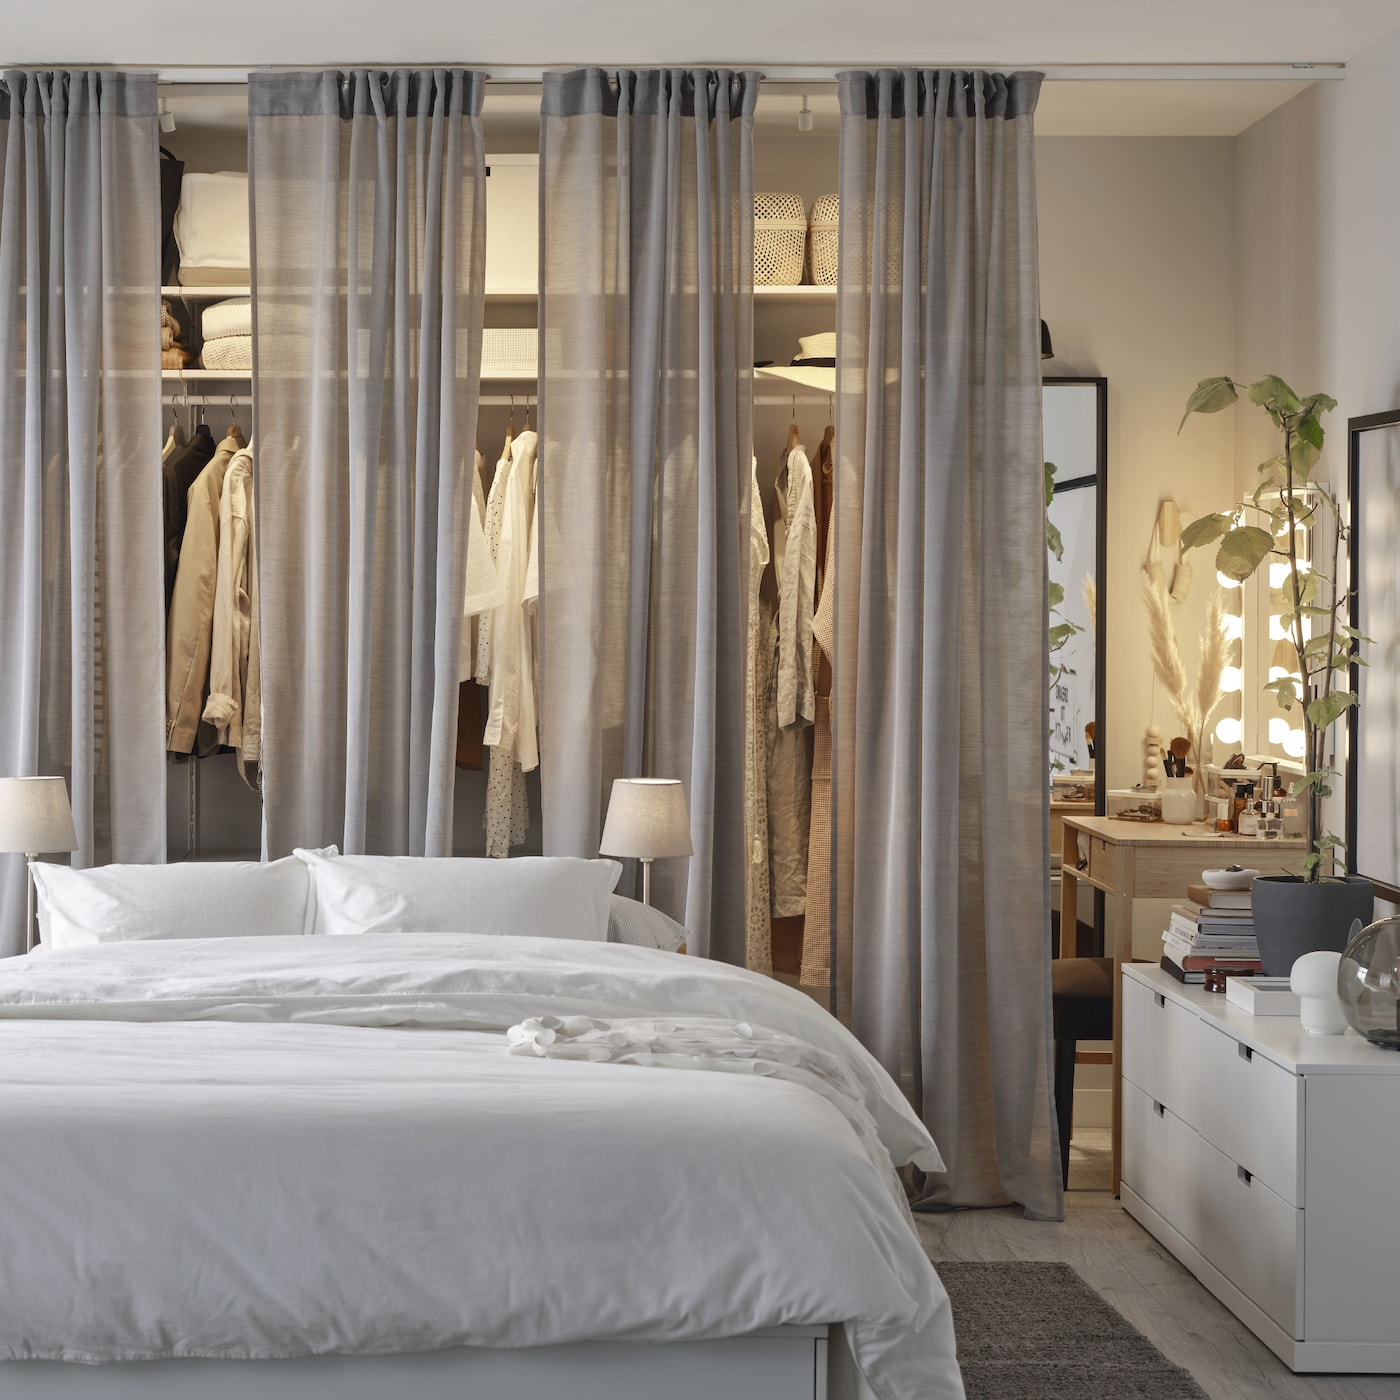 Hvidt sengestel, en åben garderobeløsning, der er delvis skjult bag grå gardiner, en hvid kommode og et gråt tæppe.